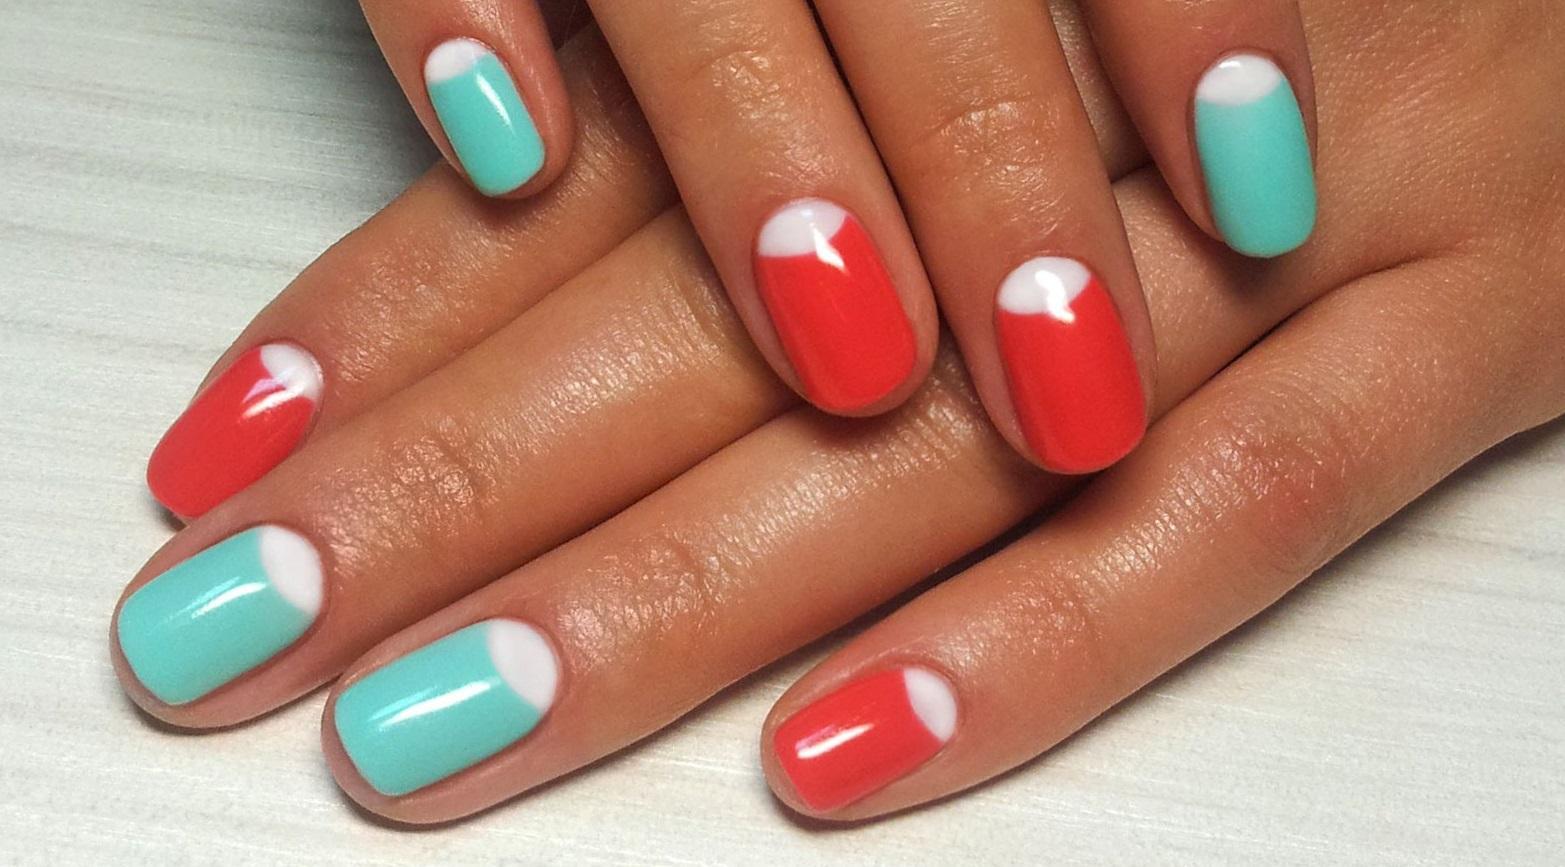 Лунный френч на ногтях красного и мятного цвета